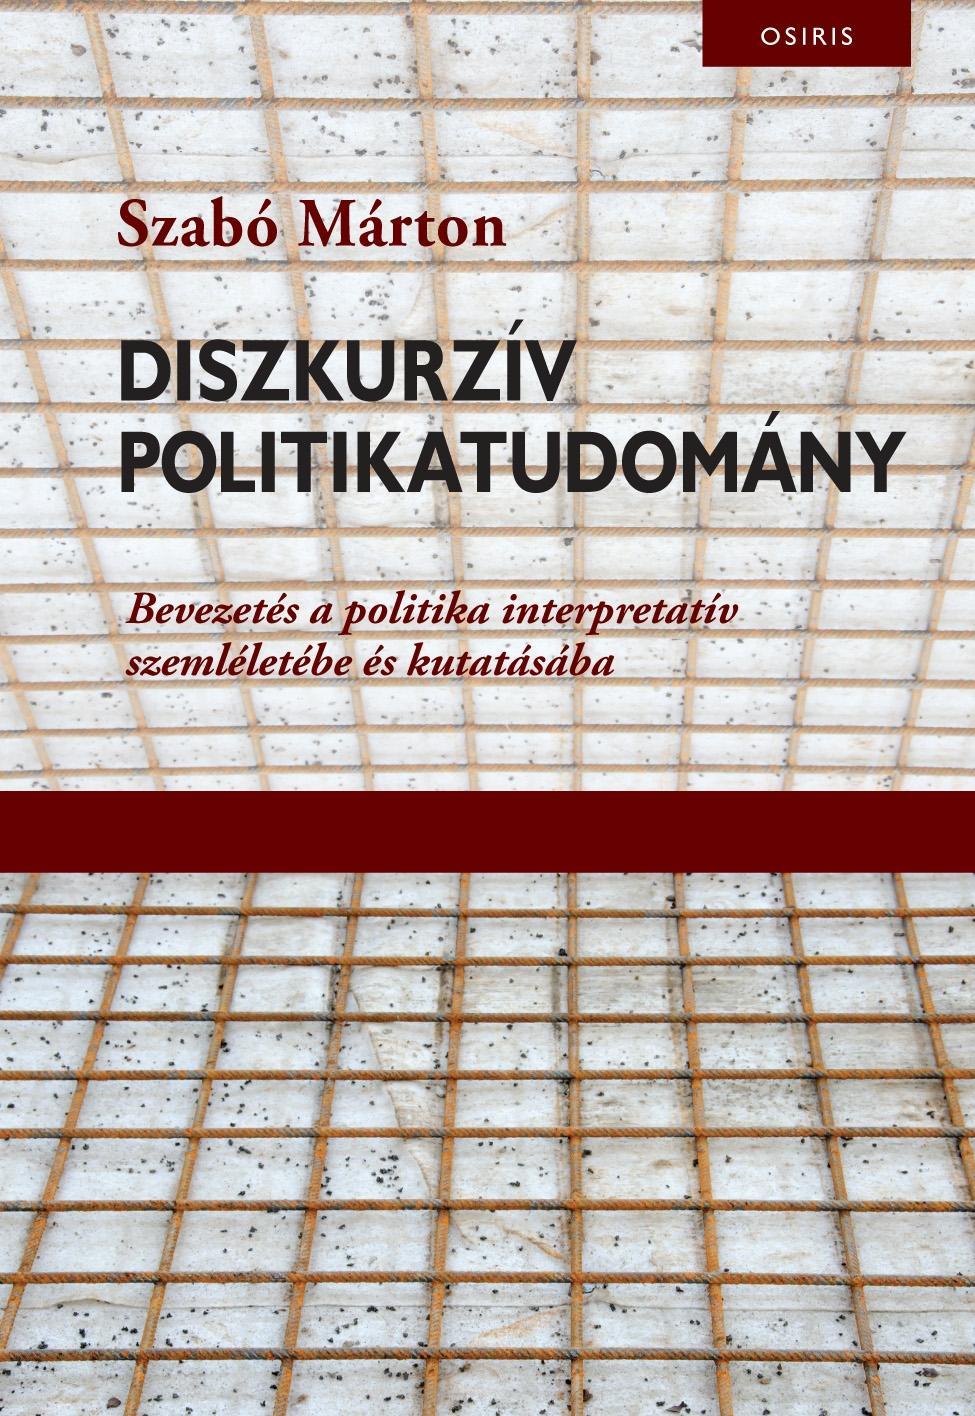 DISZKURZÍV POLITIKATUDOMÁNY